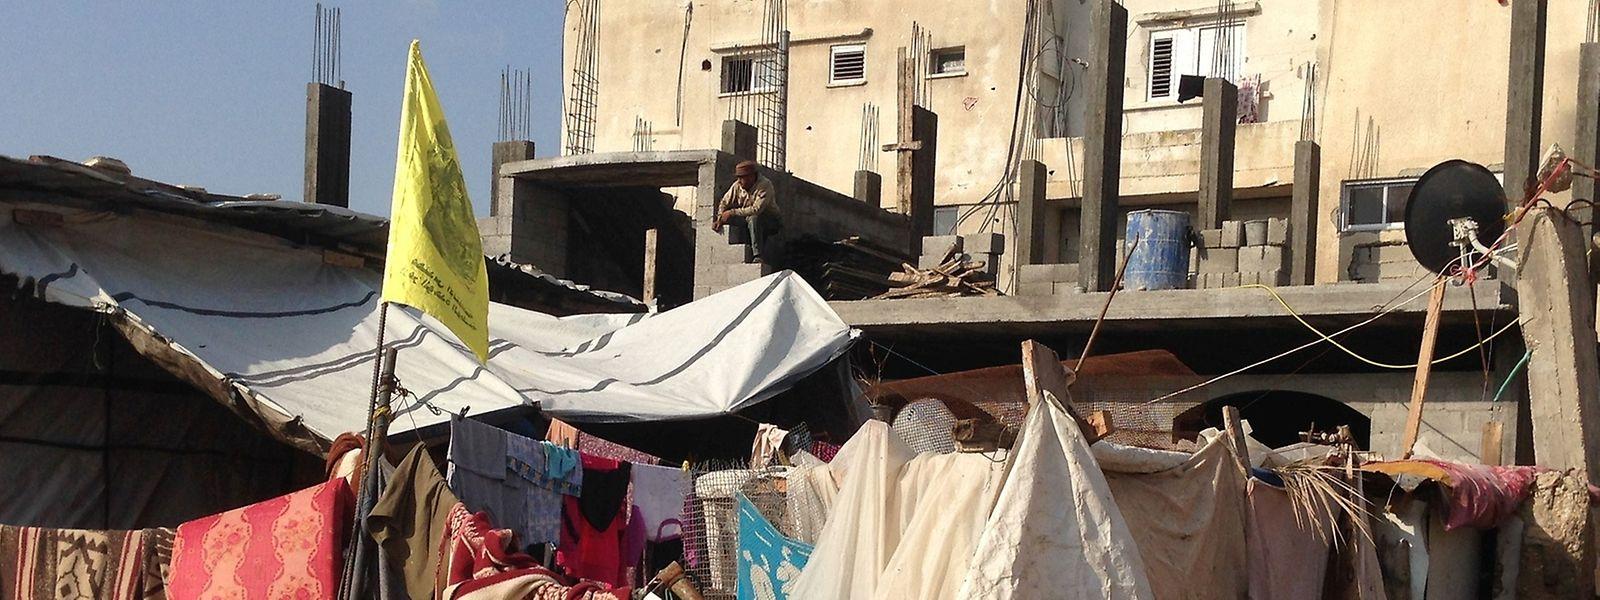 Des tapis, des couvertures et quelques toiles pour remplacer l'habitat détruit. Gaza se reconstruit lentement, avec des bouts de ficelle.